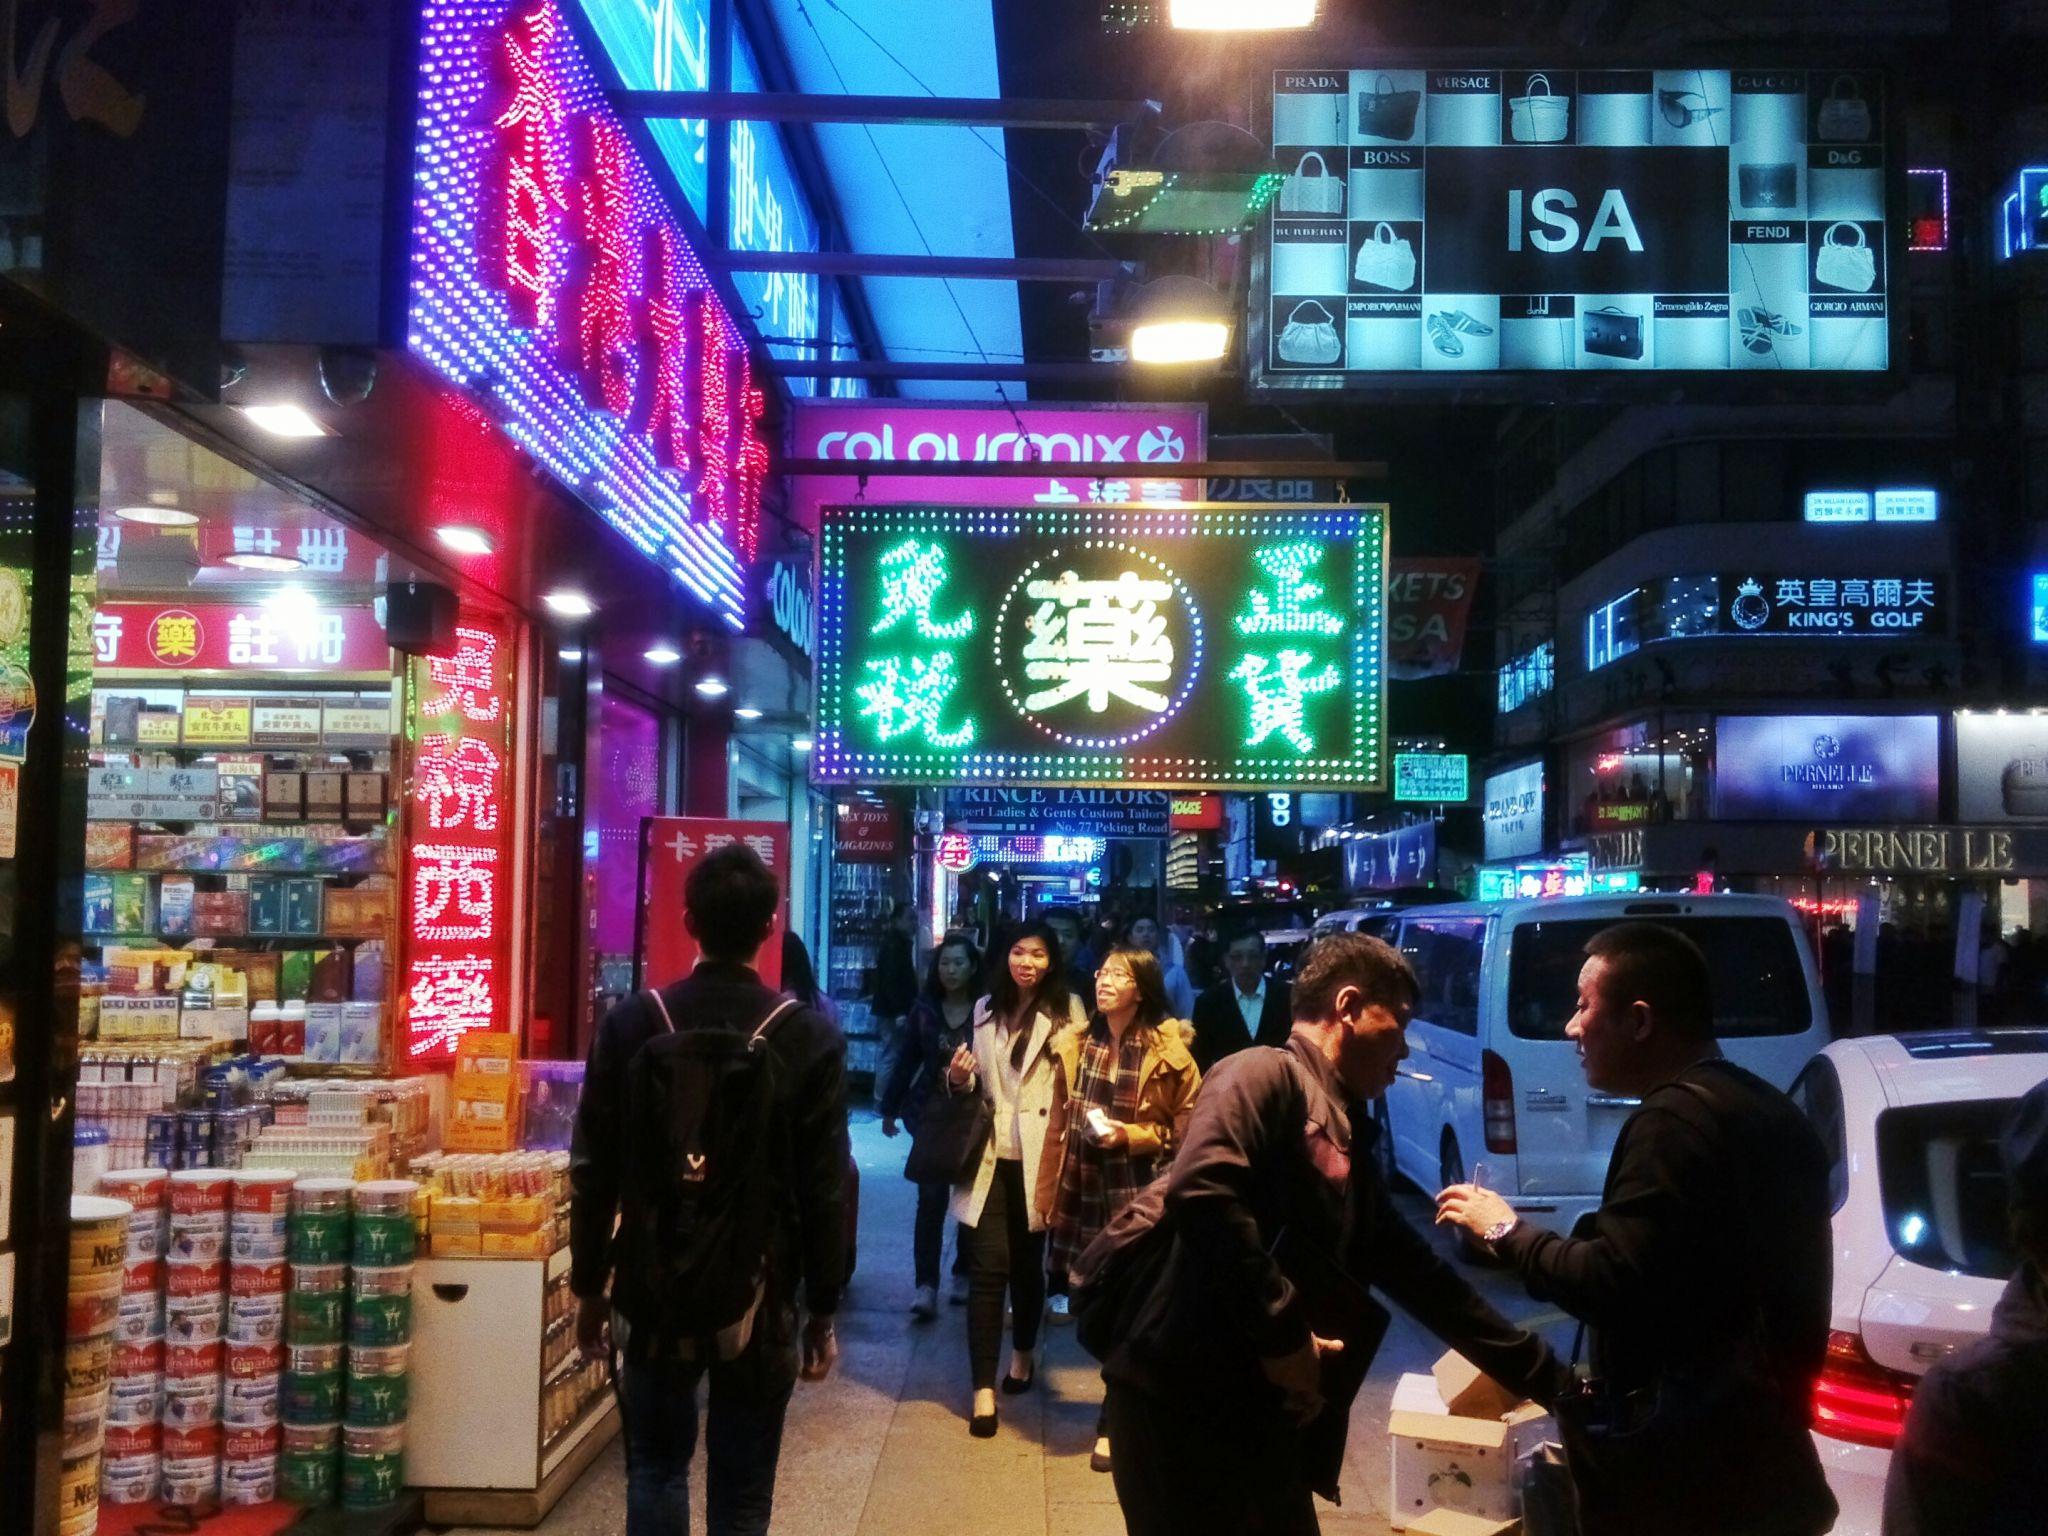 Miasto mieni się tysiącami neonów i znaków, wszędzie pełno tez naganiaczy